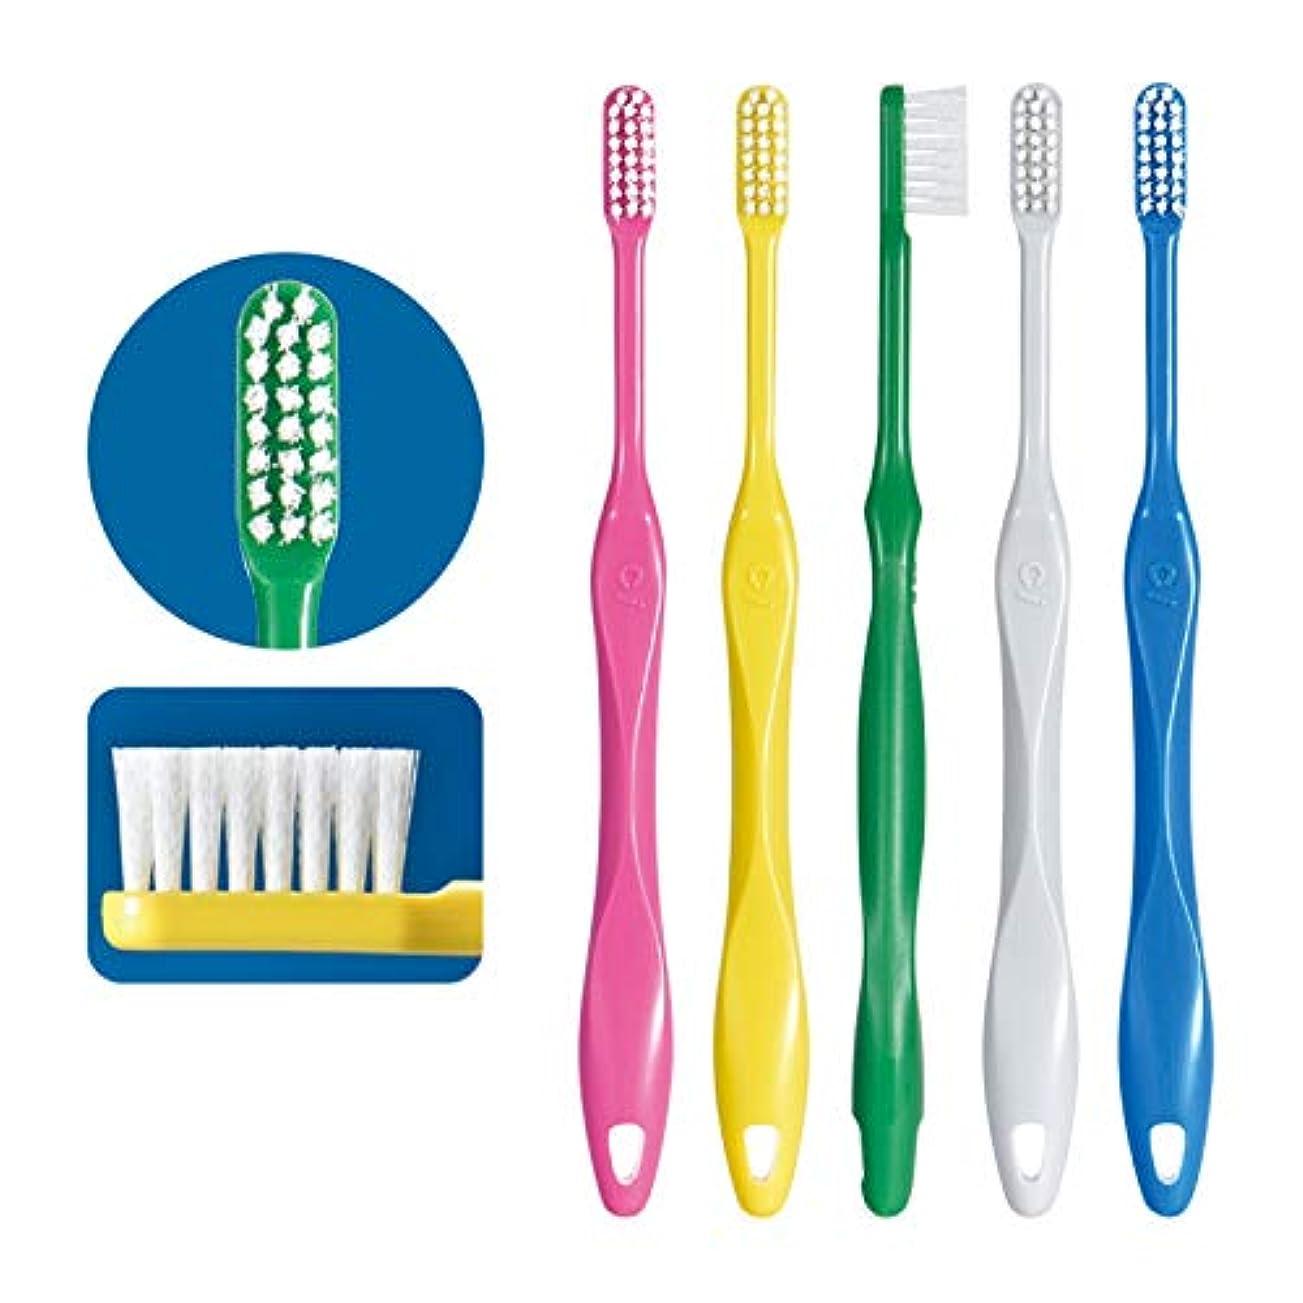 シアートラフィックコークスCi スマート 歯ブラシ 20本 S(やわらかめ) 日本製 大人用歯ブラシ 歯科専売品